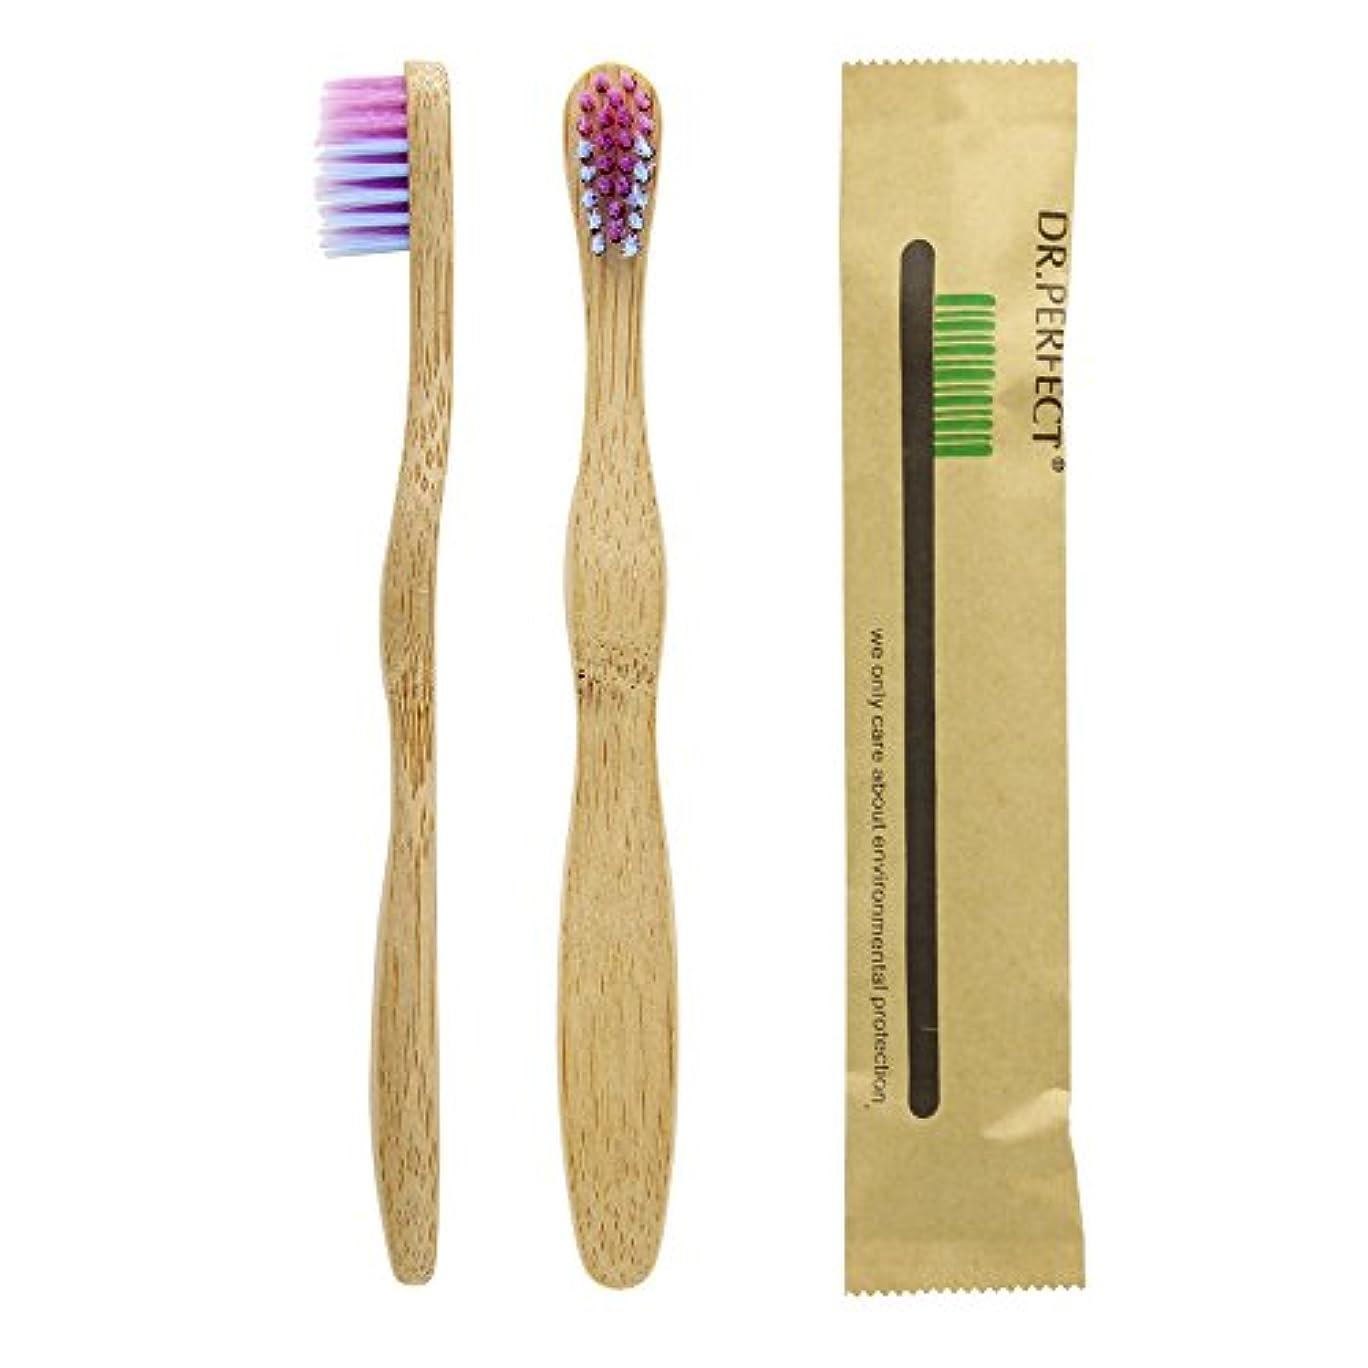 マット王位記録Dr.Perfect Bamboo チャイルド 竹の歯ブラシ ナイロン毛 生分解性の (パープル)